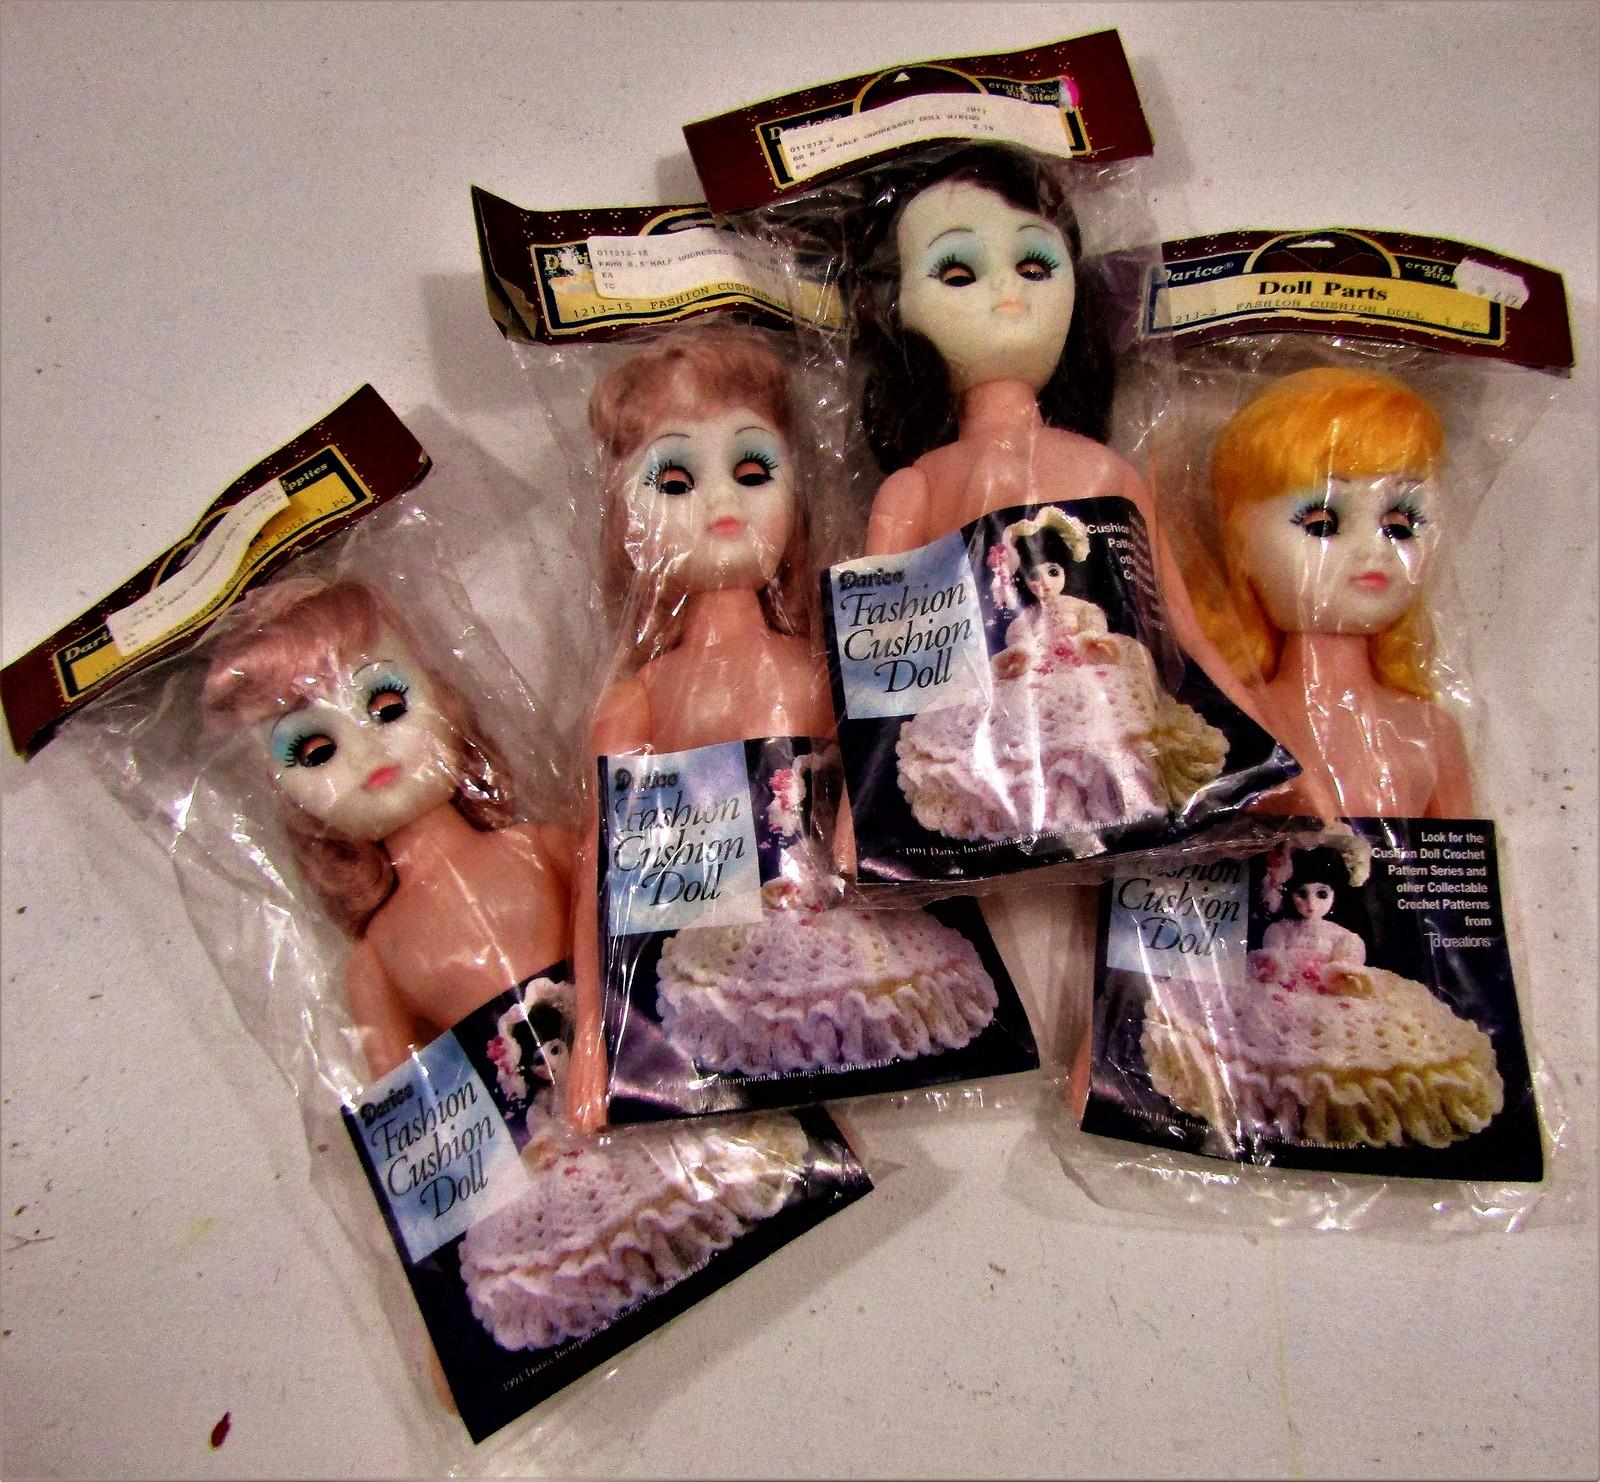 Cushion dolls